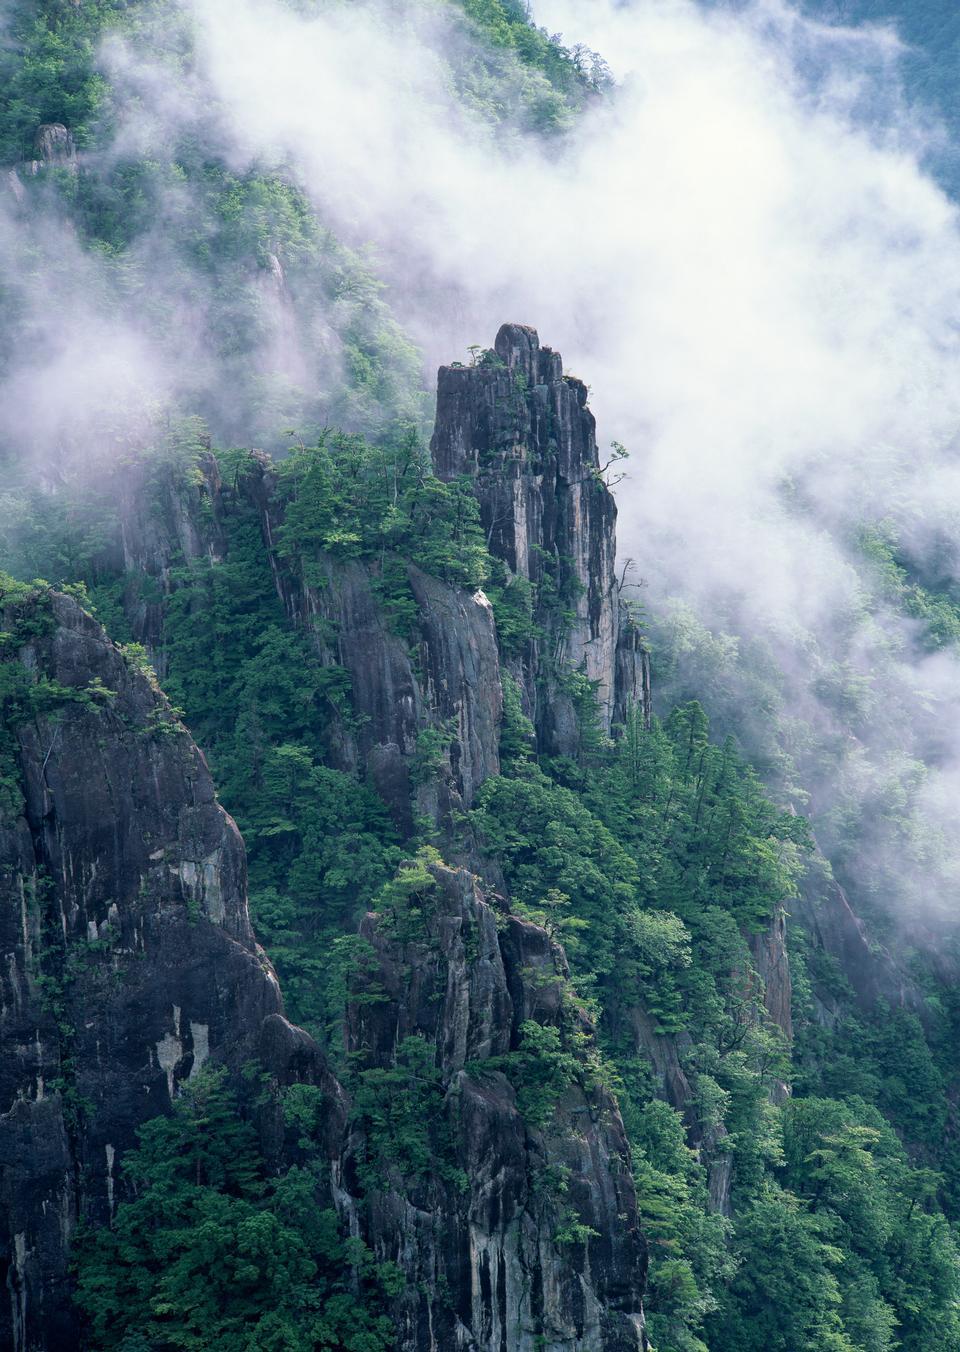 Huangshan peak Yellow sacred mountains in China